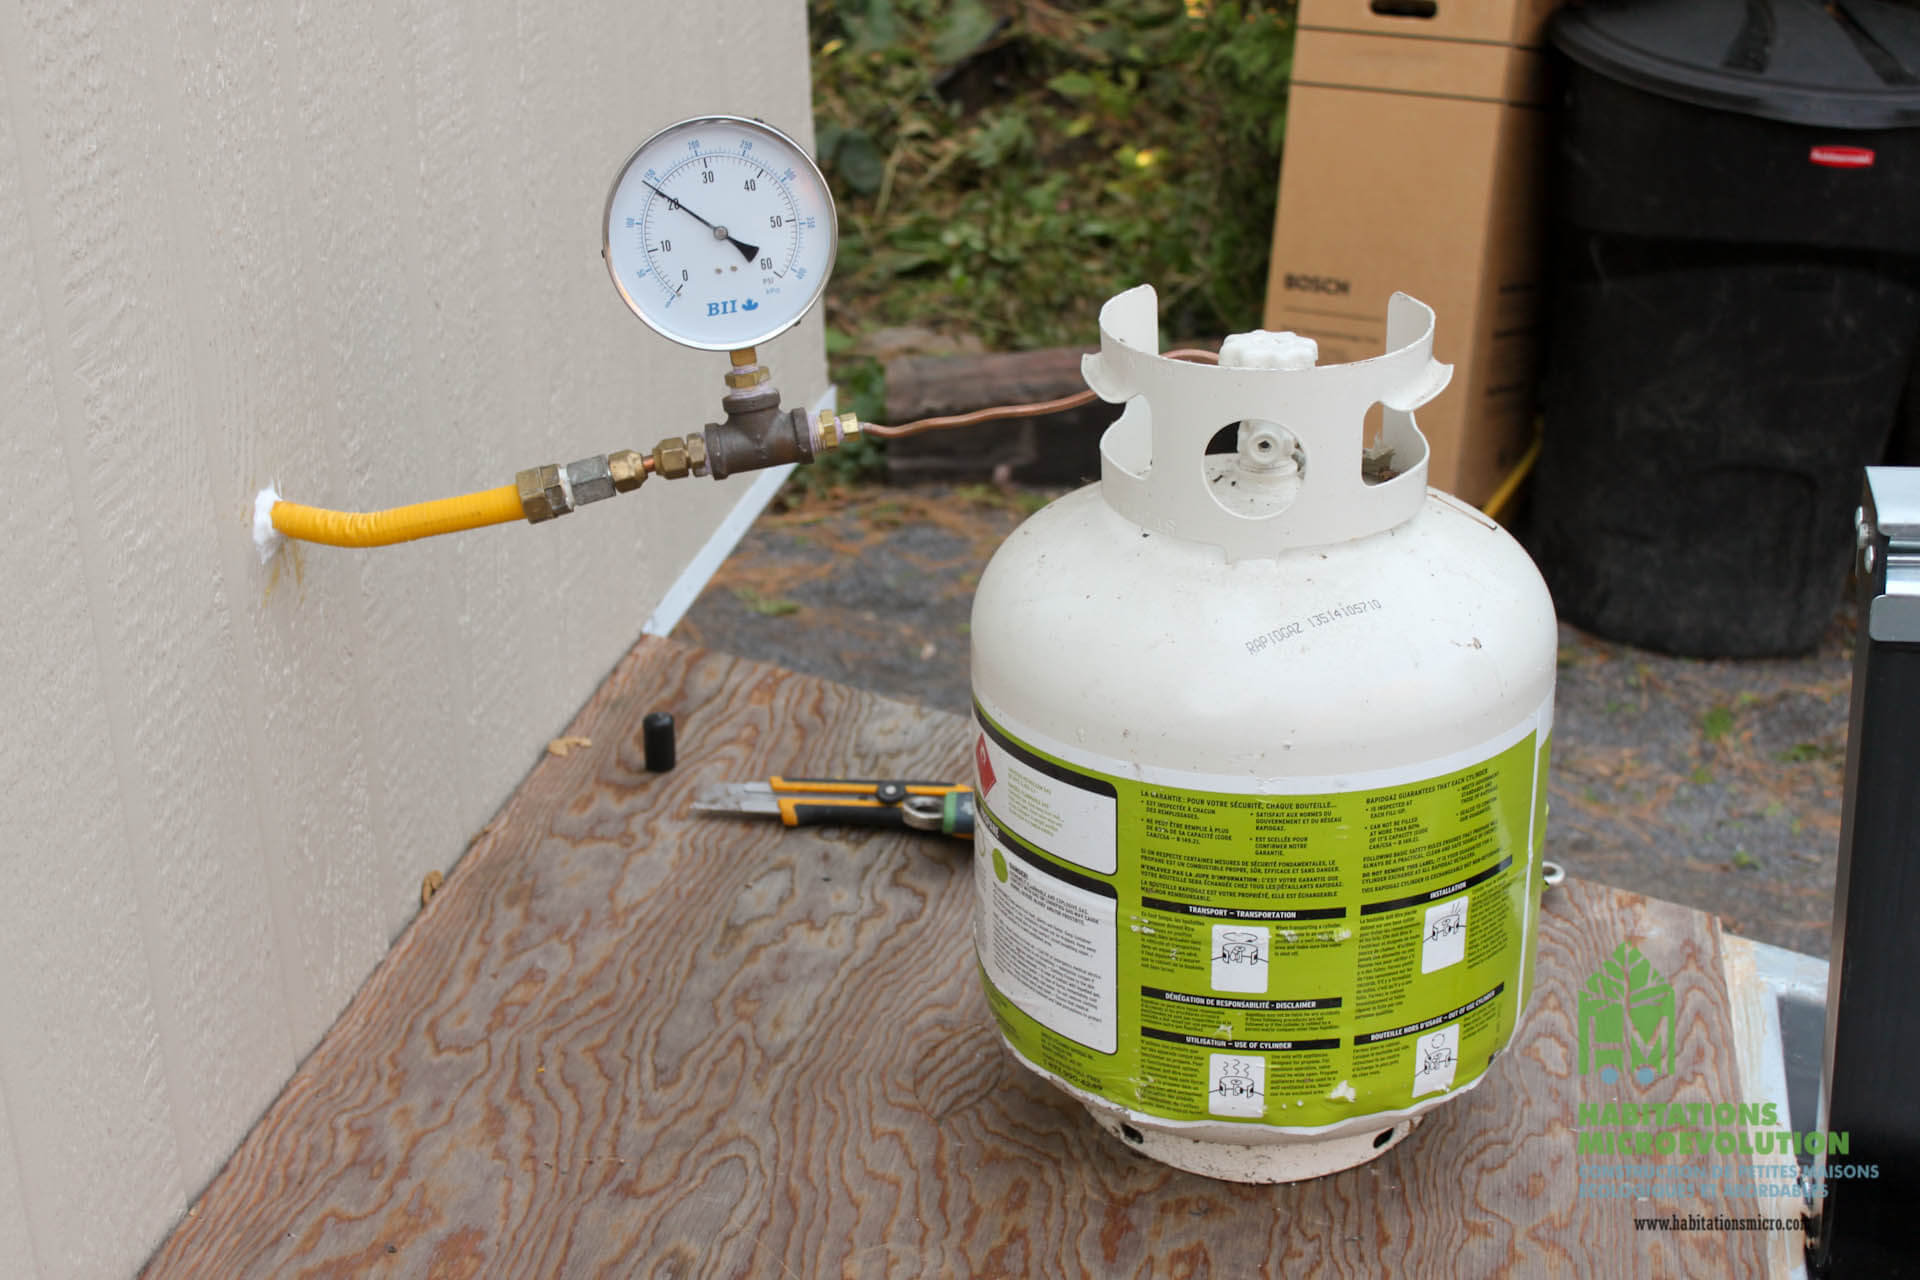 Test fuite propane